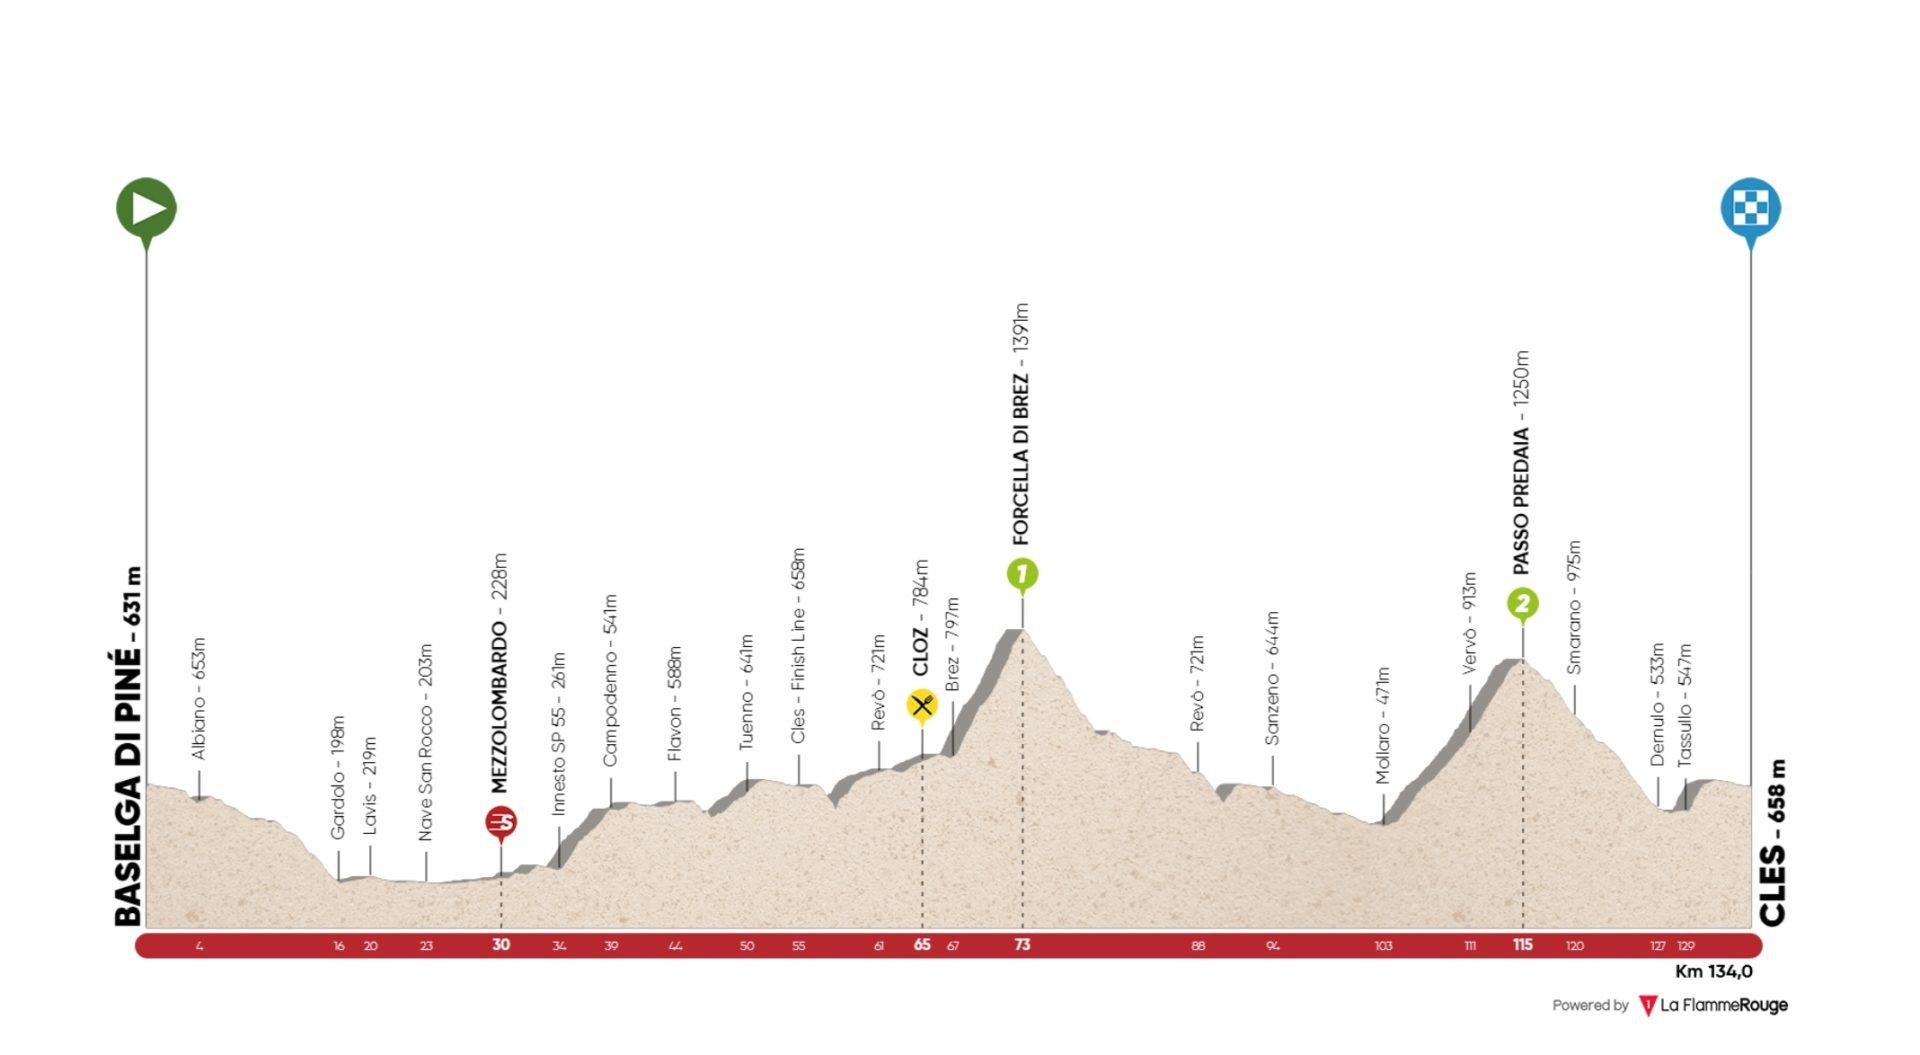 Baselga di Pinè – Cles. 134 kms.